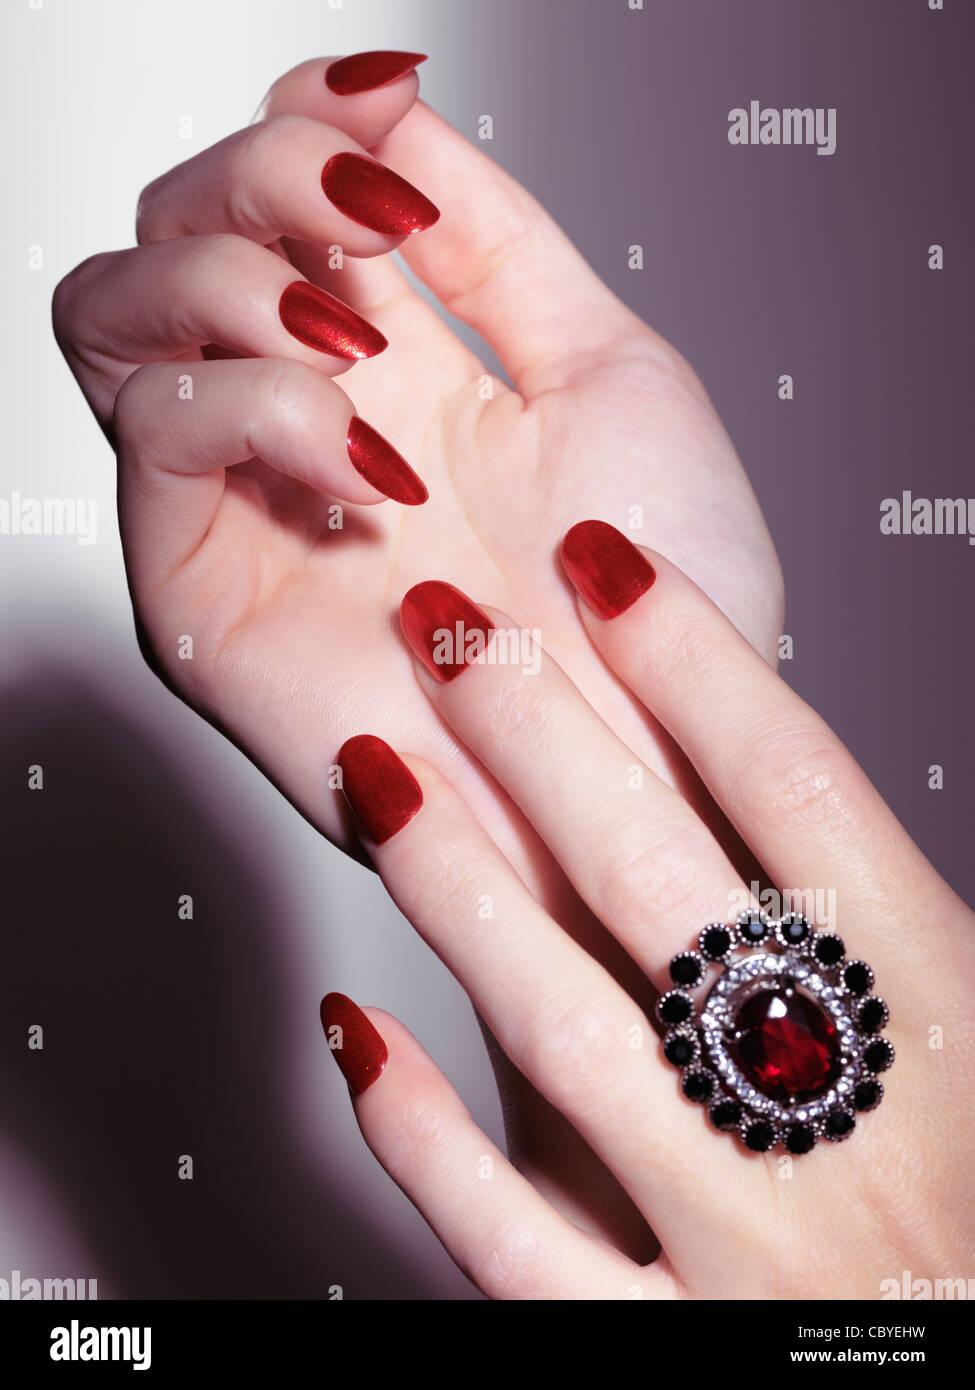 Shiny Nails Stock Photos & Shiny Nails Stock Images - Alamy